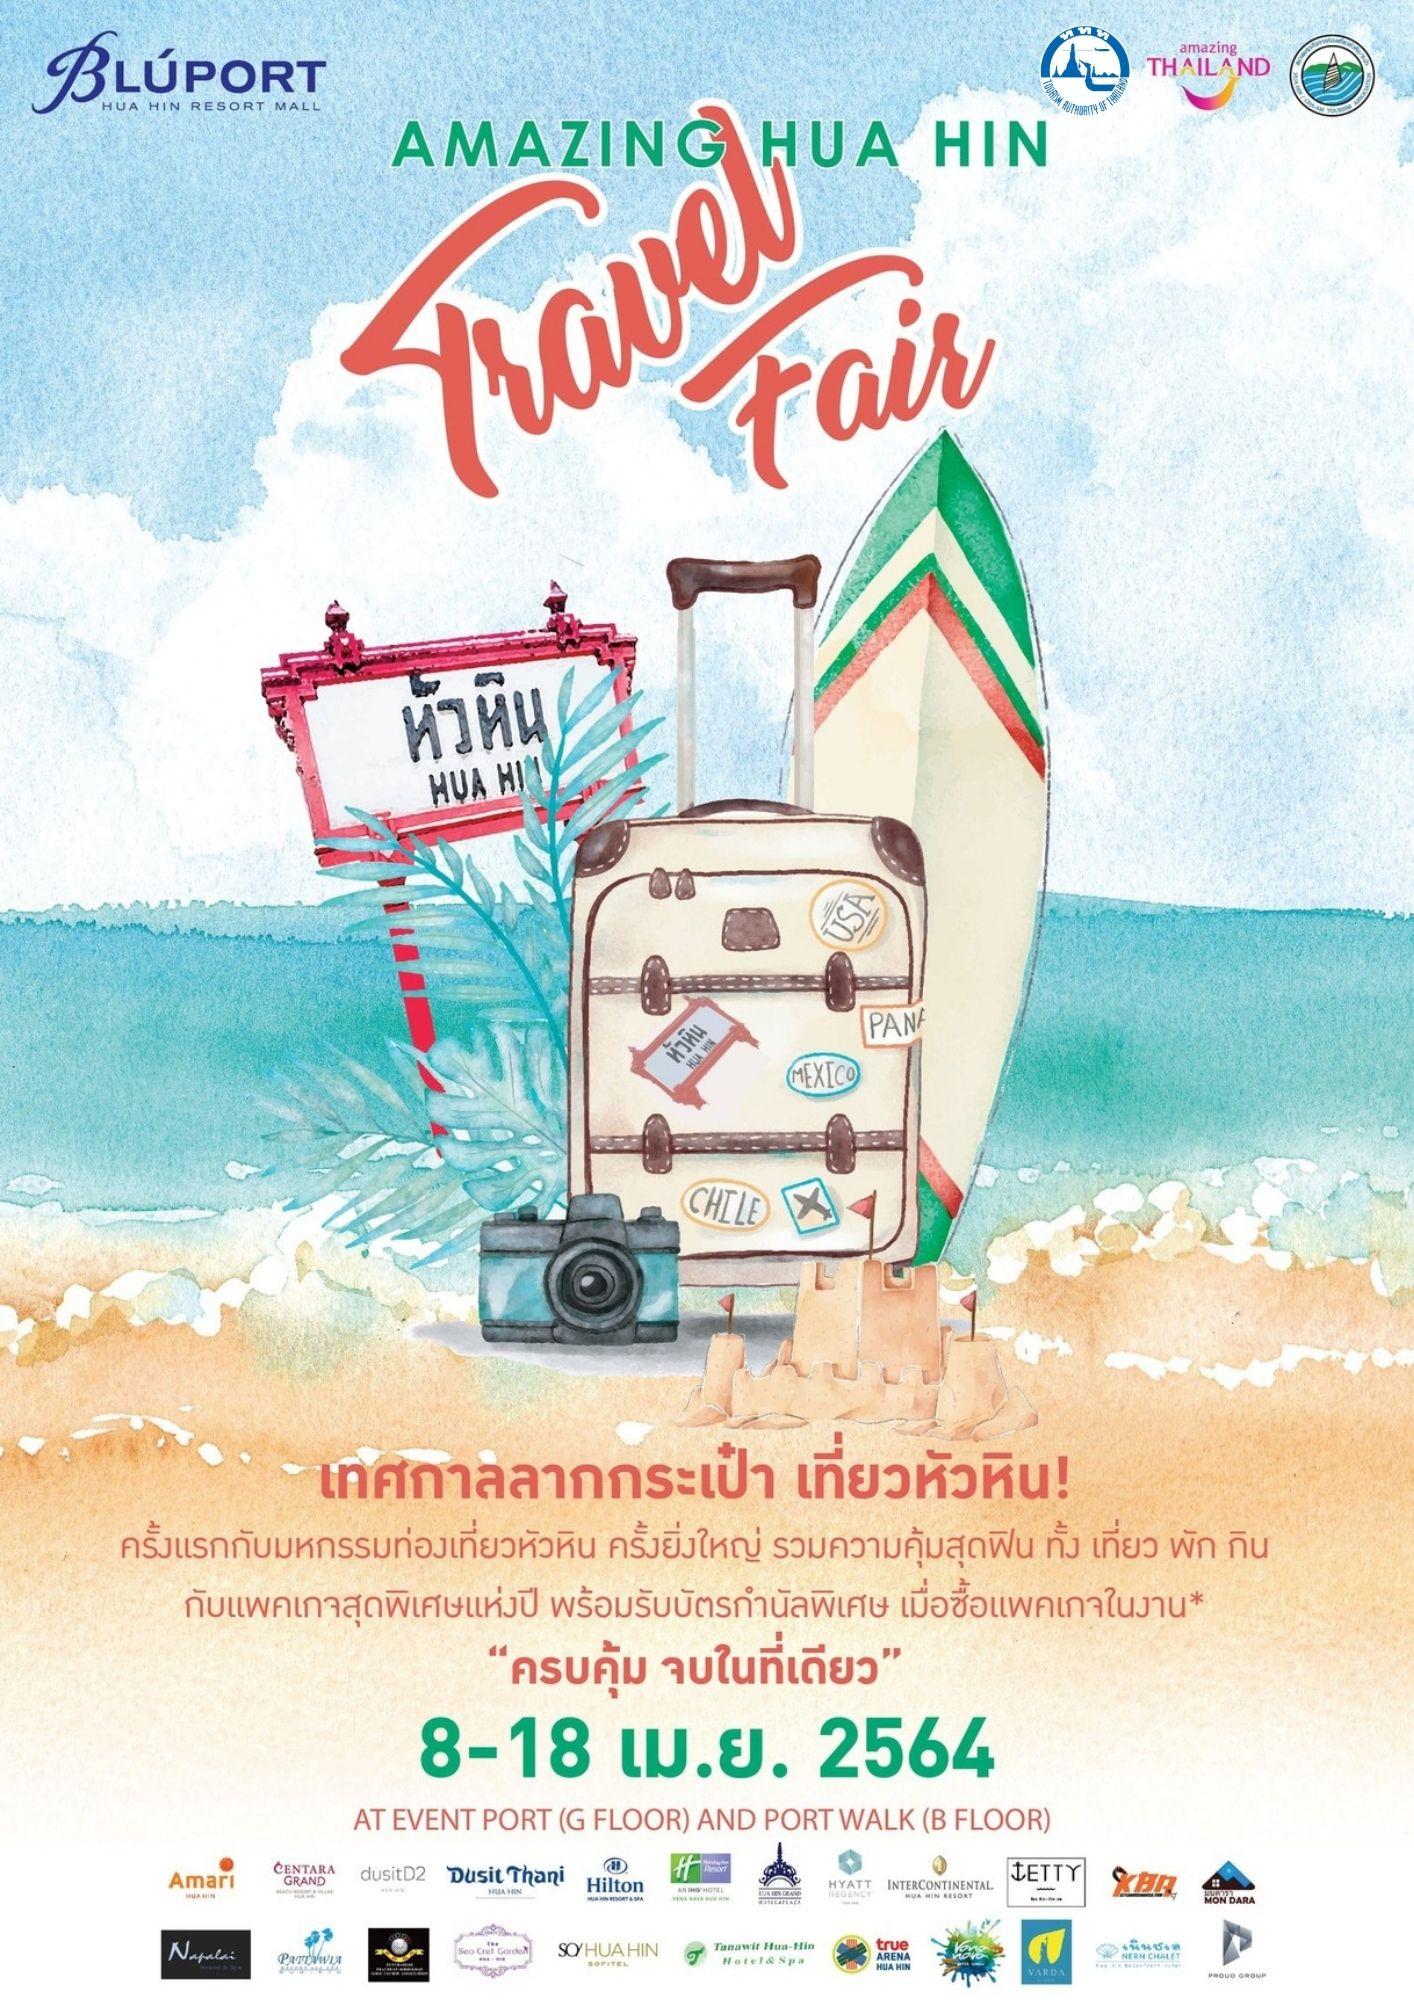 ช้อปคุ้ม โค้งสุดท้ายในงาน Amazing Hua Hin Travel Fair 2021 เทศกาลลากกระเป๋าเที่ยวหัวหิน